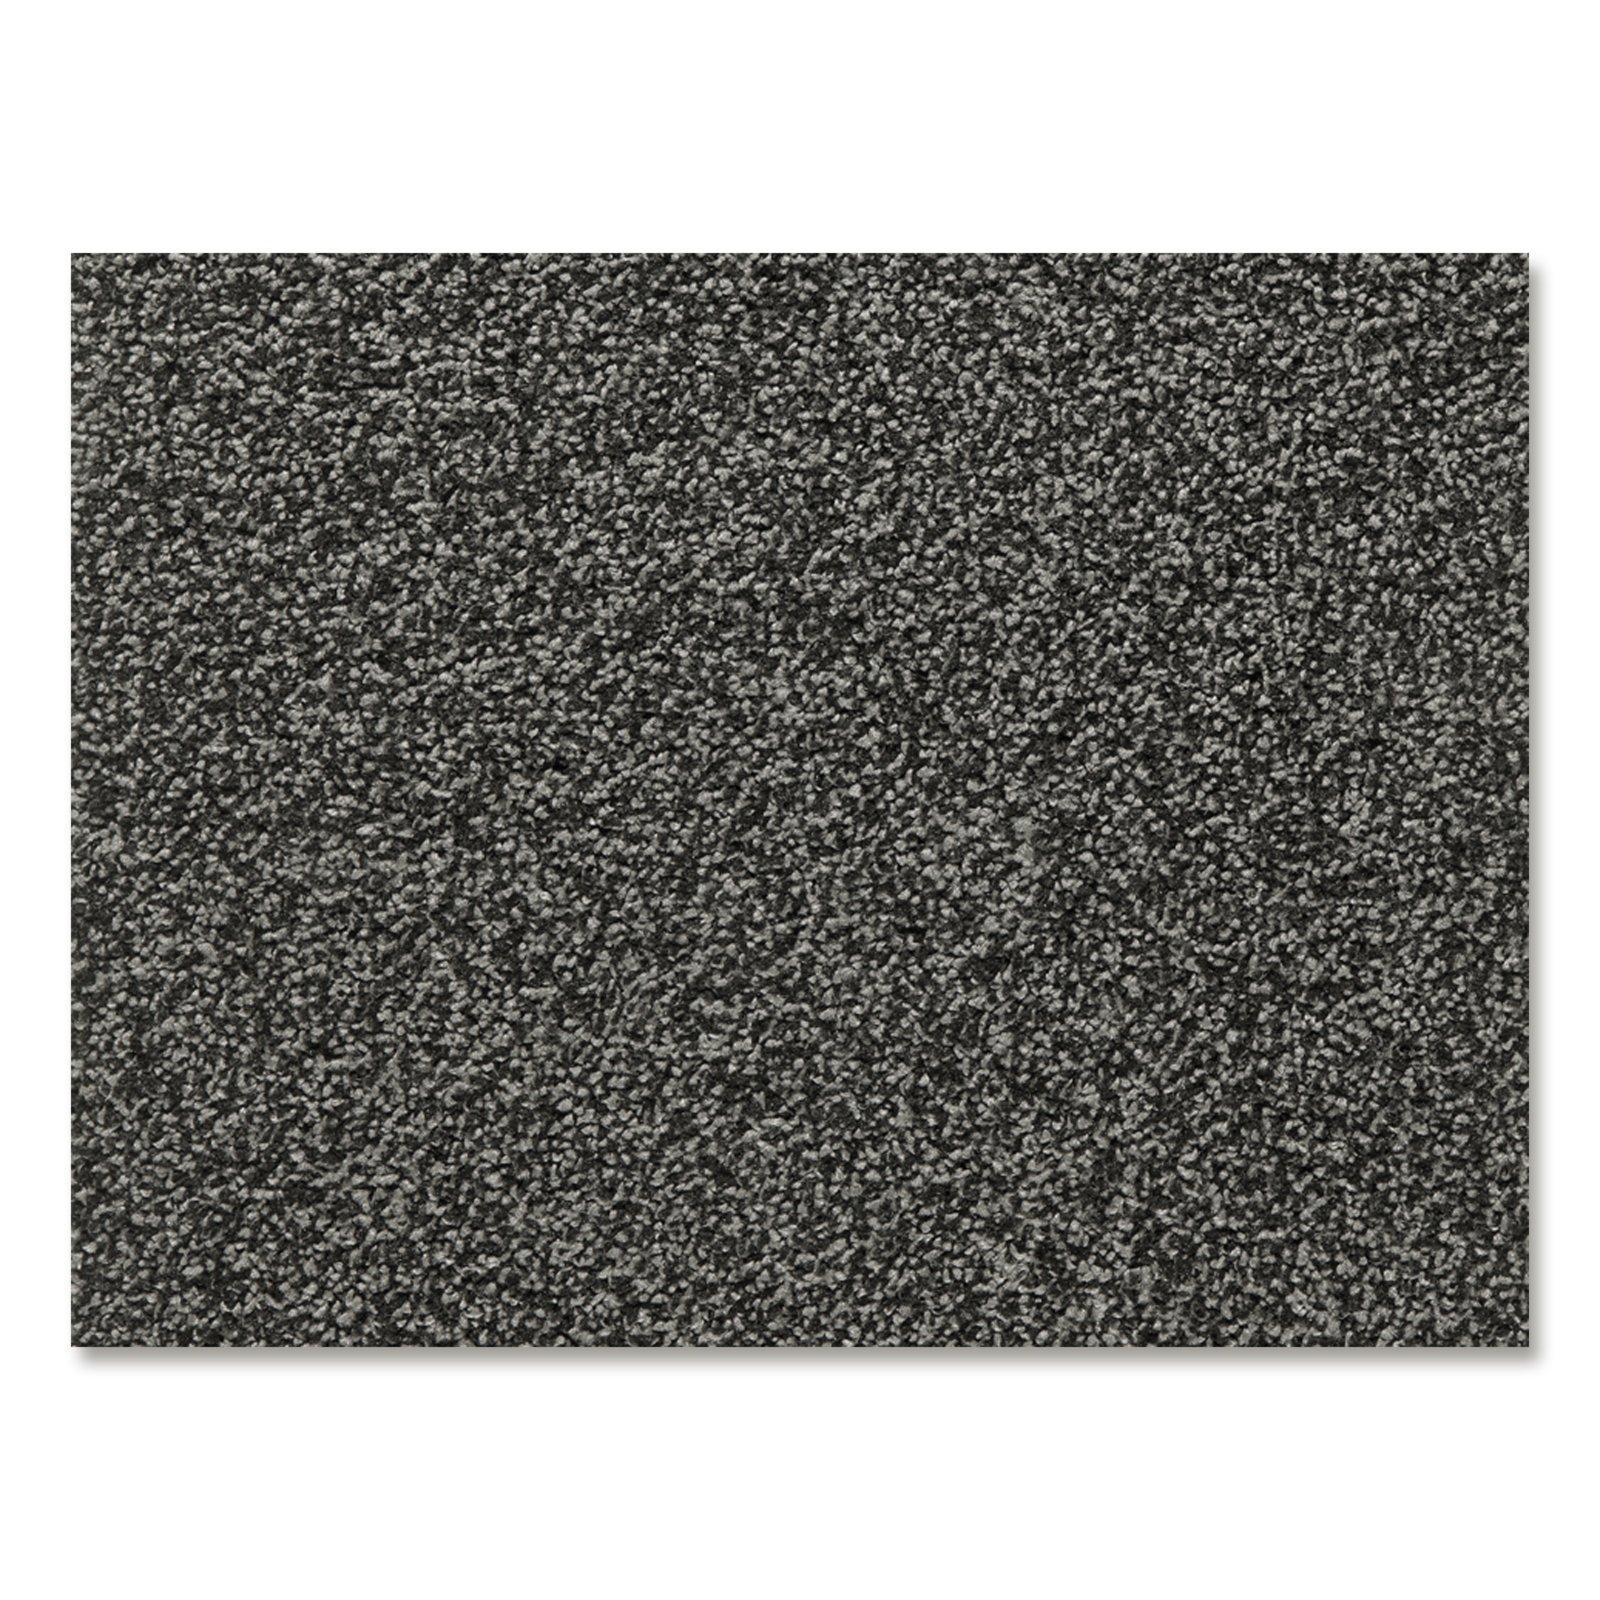 Teppichboden inverness anthrazit 4 meter breit for Kuchenzeile 4 meter breit